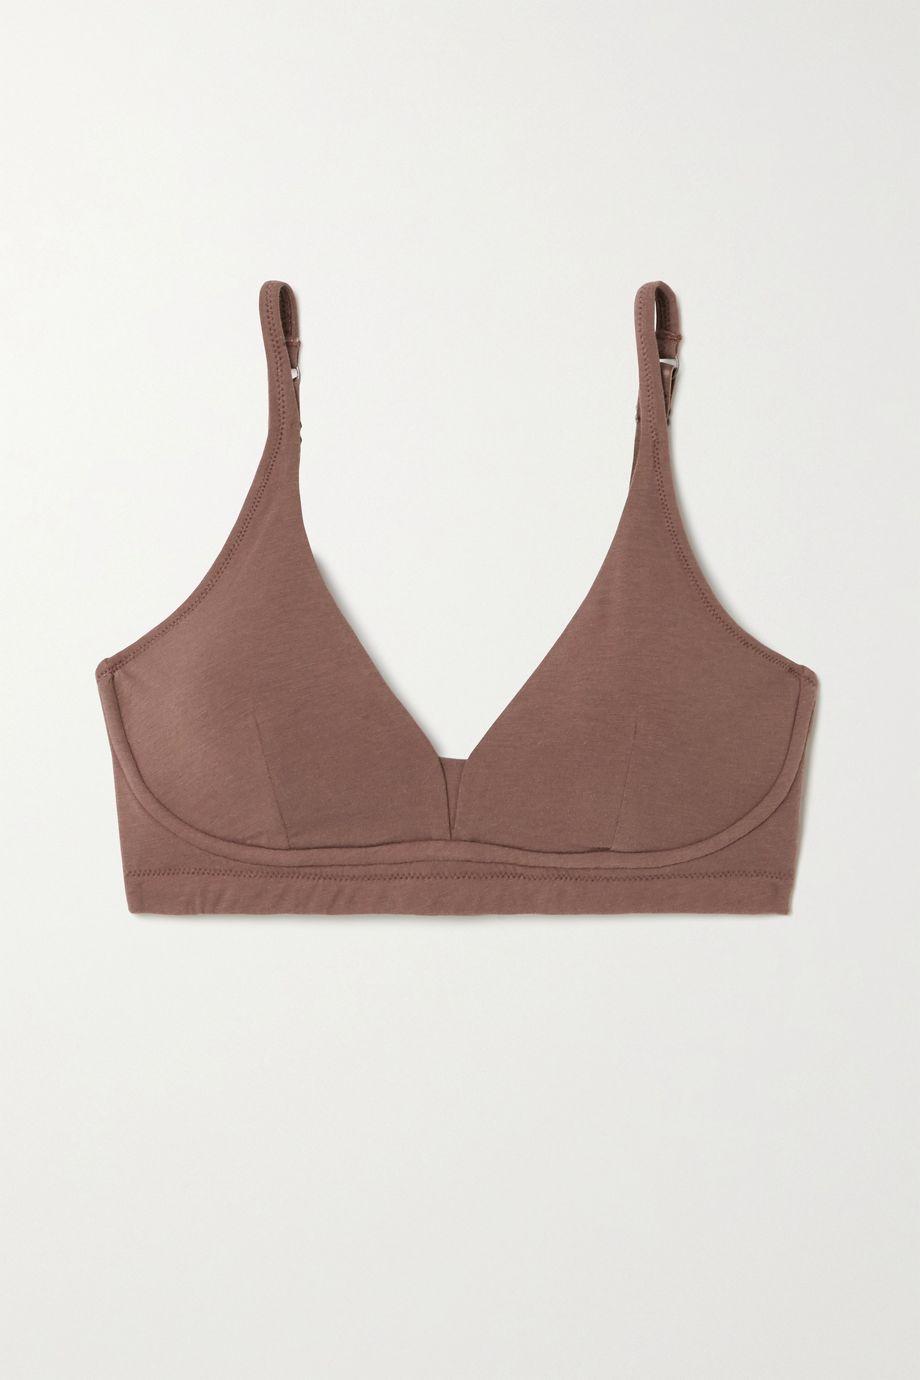 Skin + NET SUSTAIN Gracelynne Soft-BH aus Bio-Pima-Baumwoll-Jersey mit Stretch-Anteil